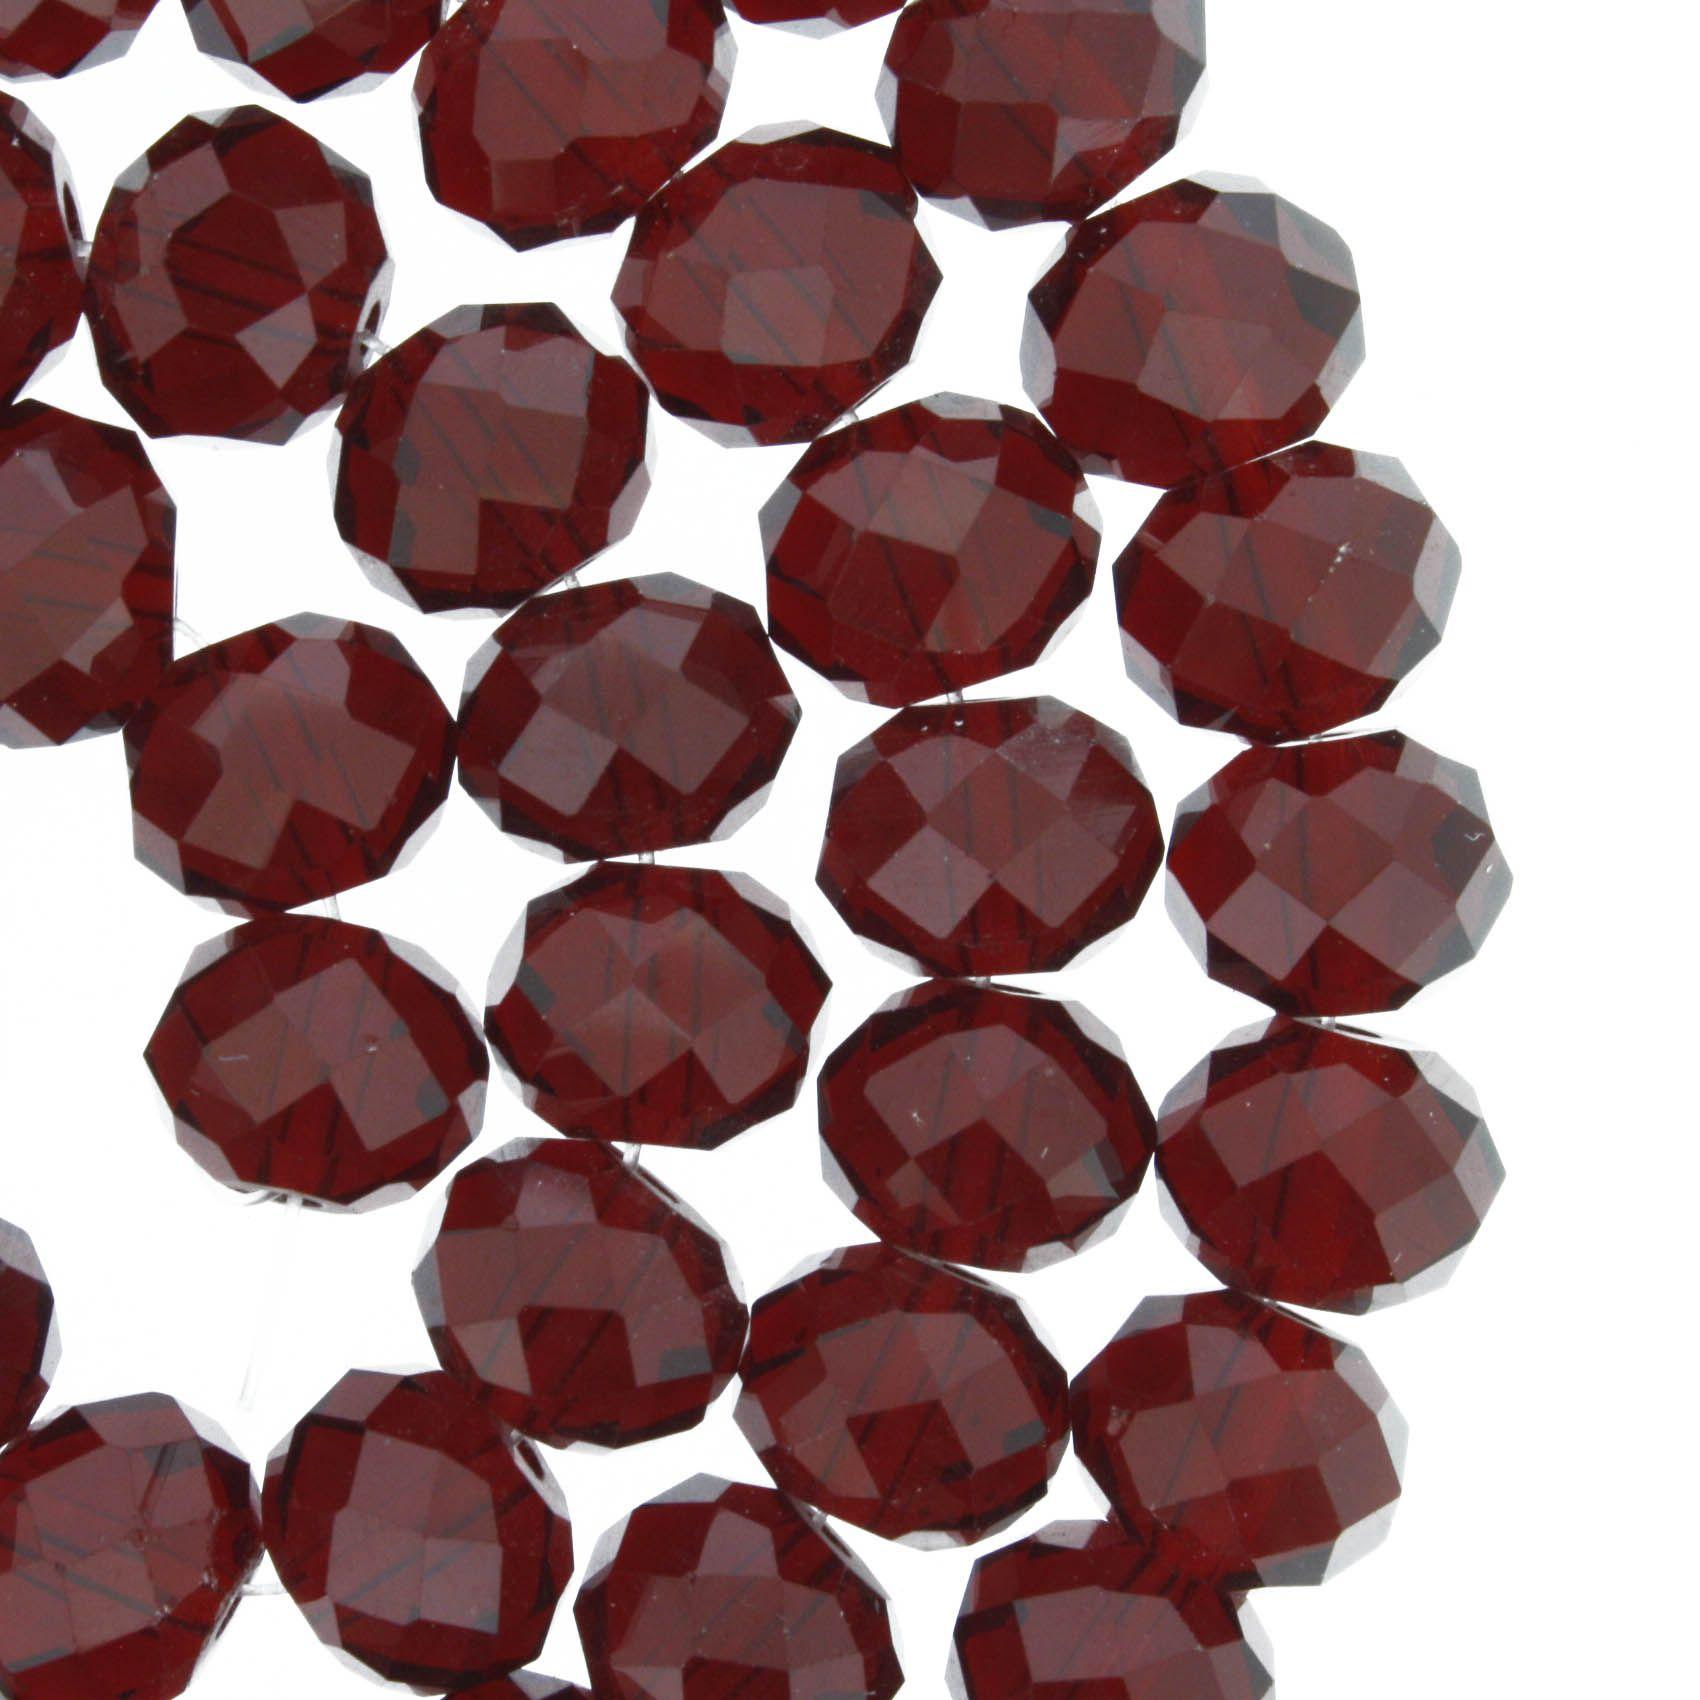 Fio de Cristal - Flat® - Vermelho Transparente - 10mm  - Stéphanie Bijoux® - Peças para Bijuterias e Artesanato